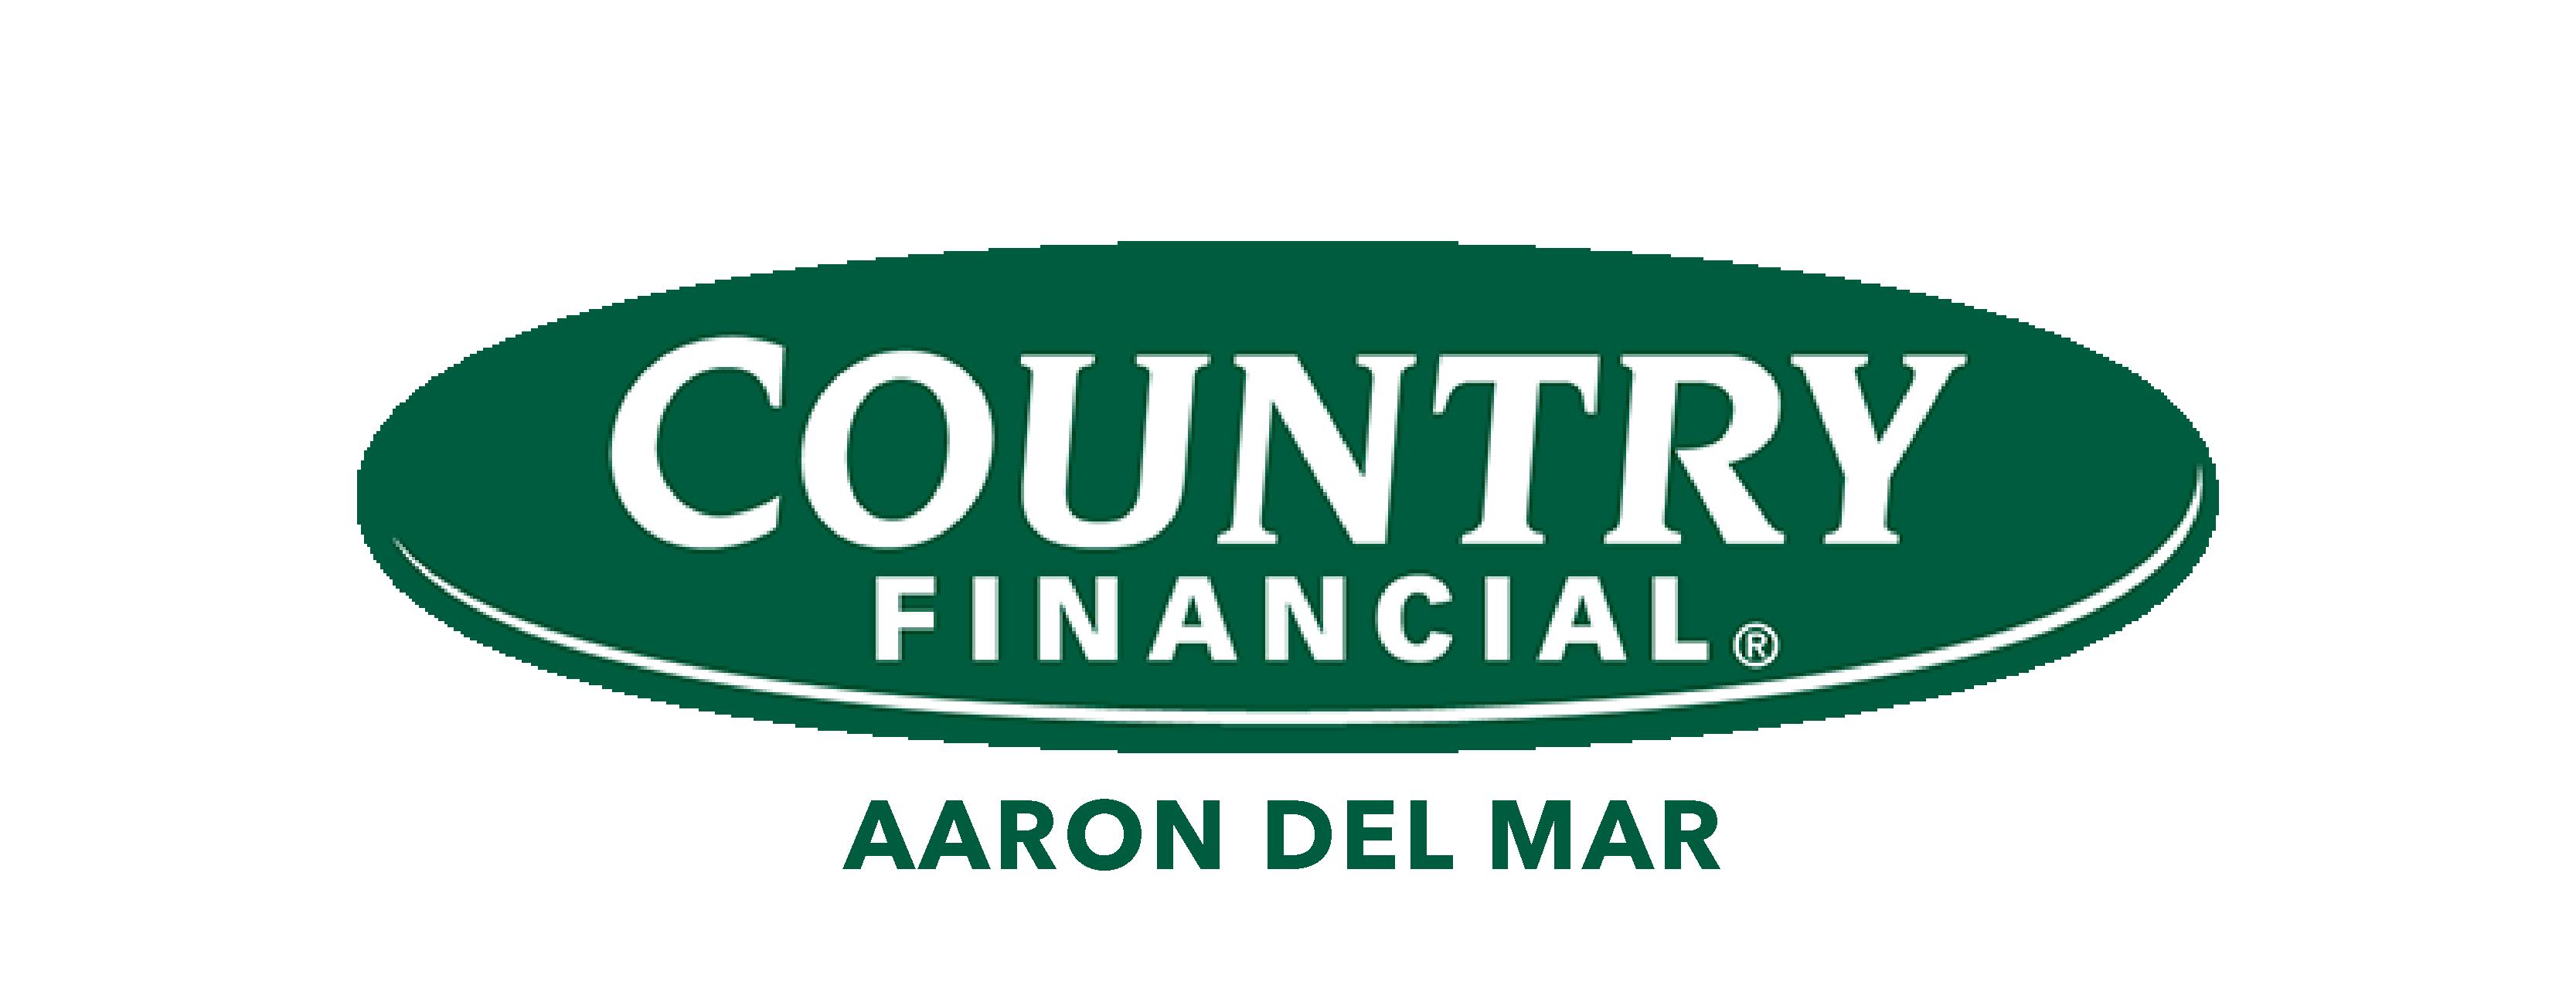 Country Financial - Aaron Del Mar